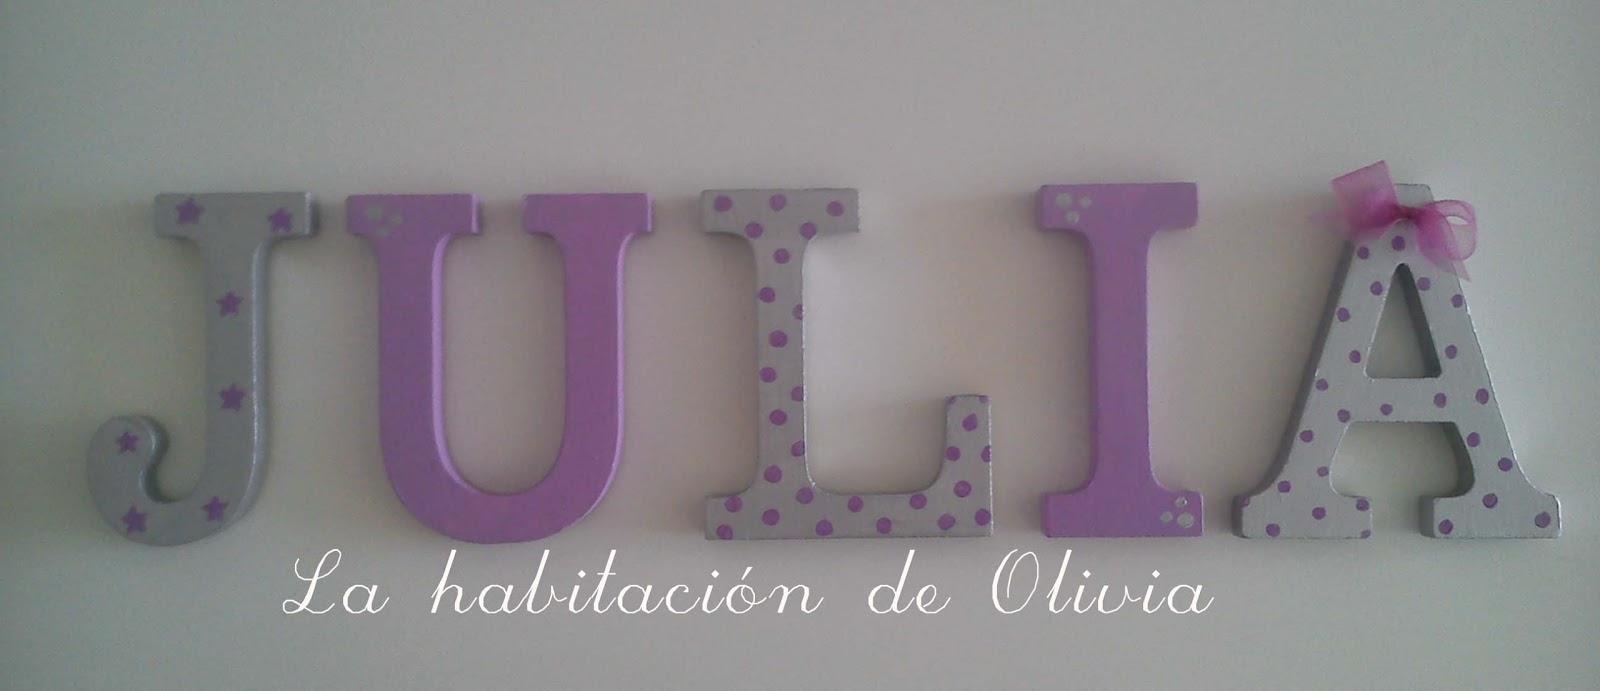 La habitaci n de olivia nuevas letras para un nuevo a o - Letras para pared ...